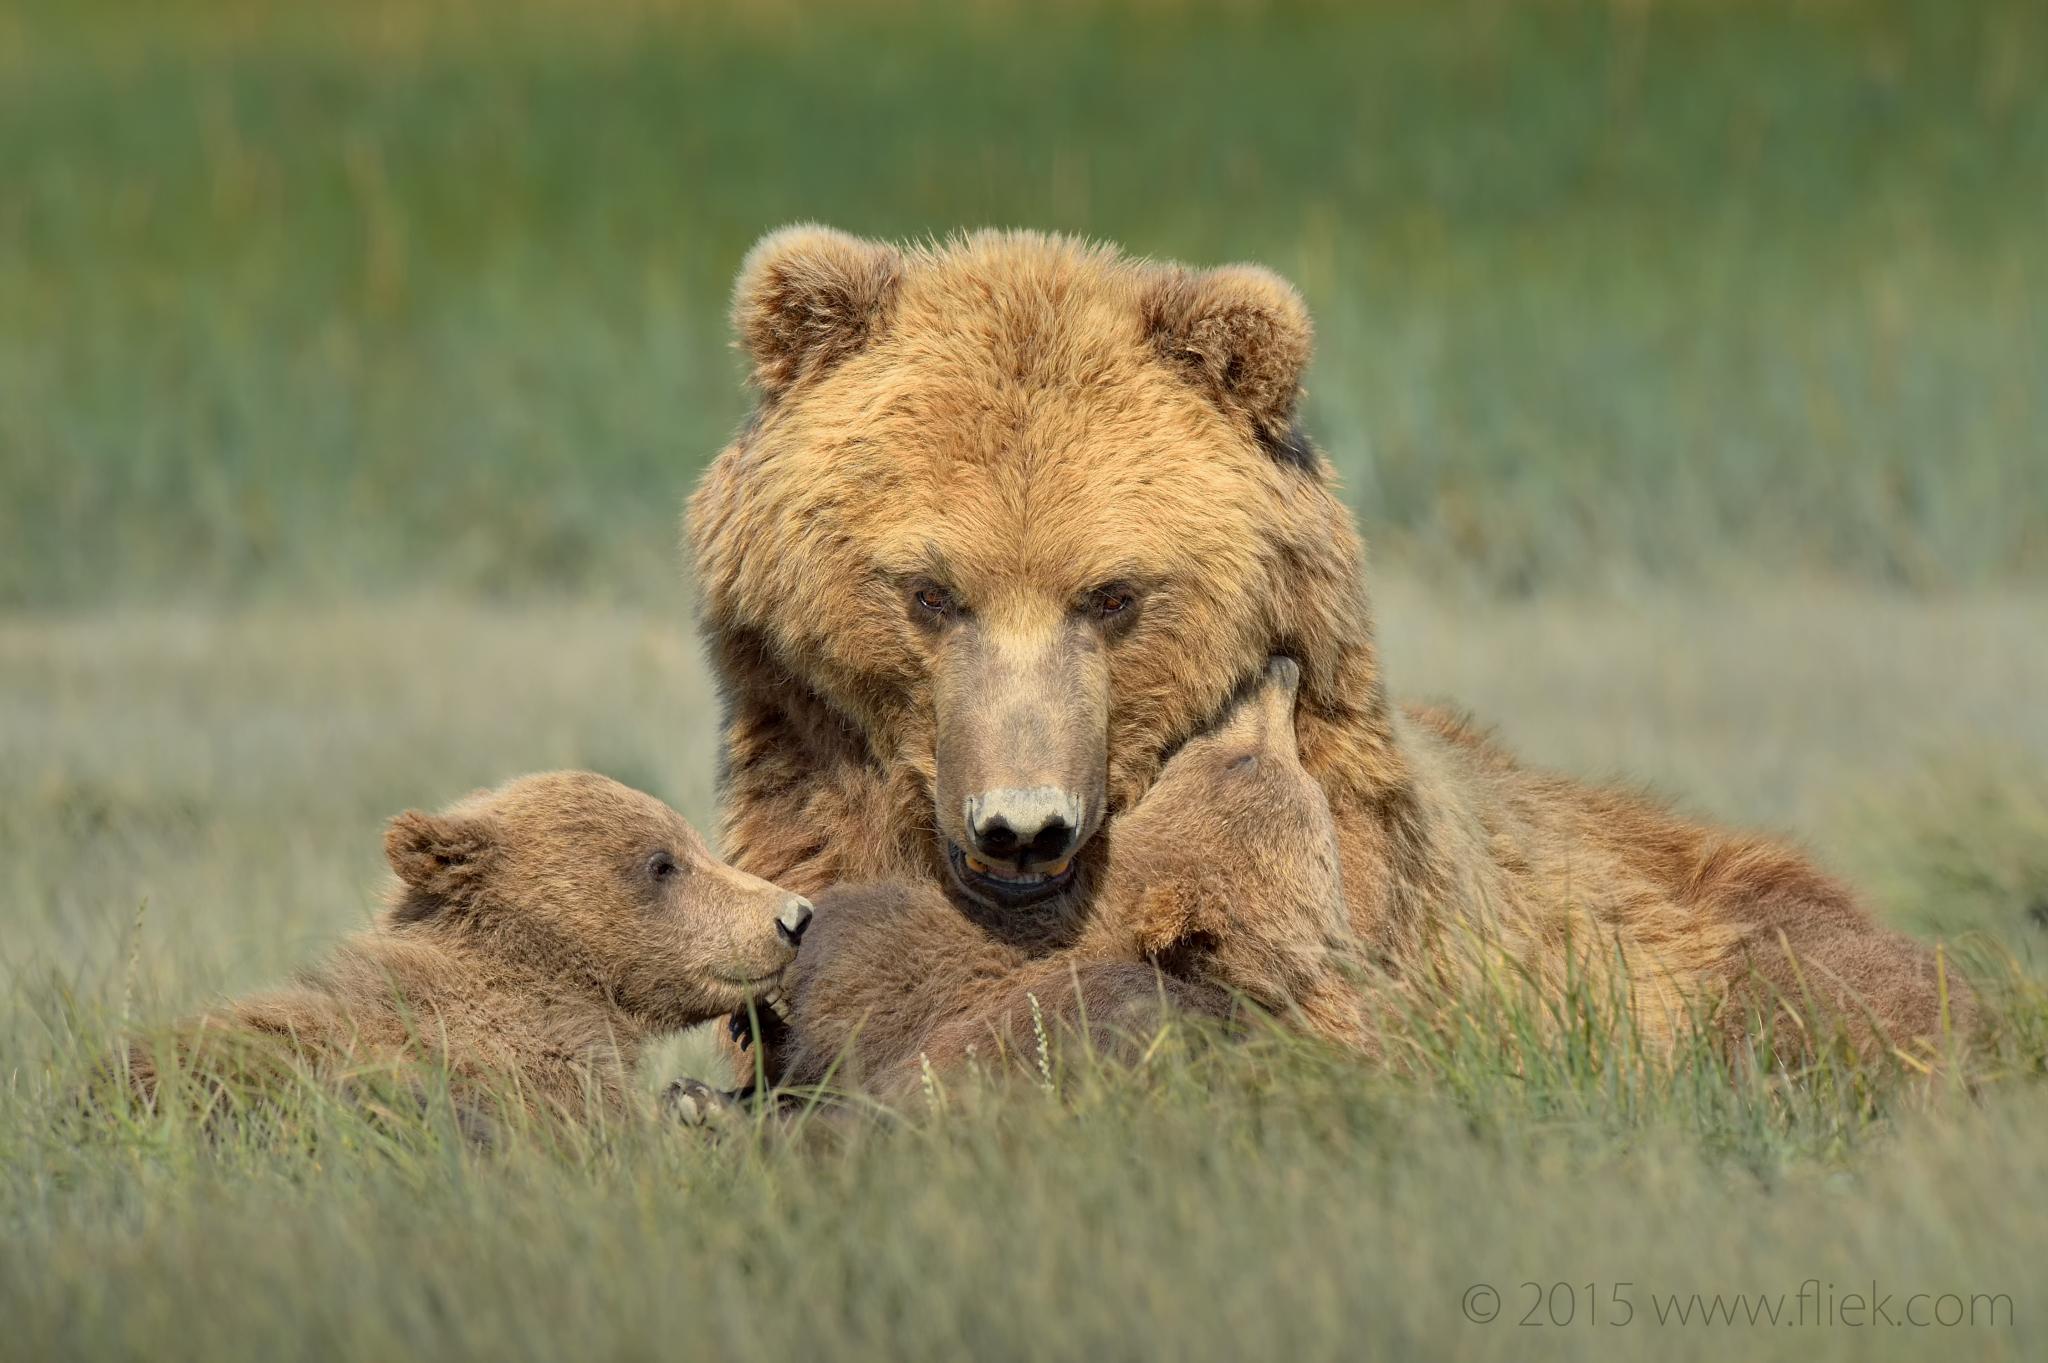 hallo bay bear family